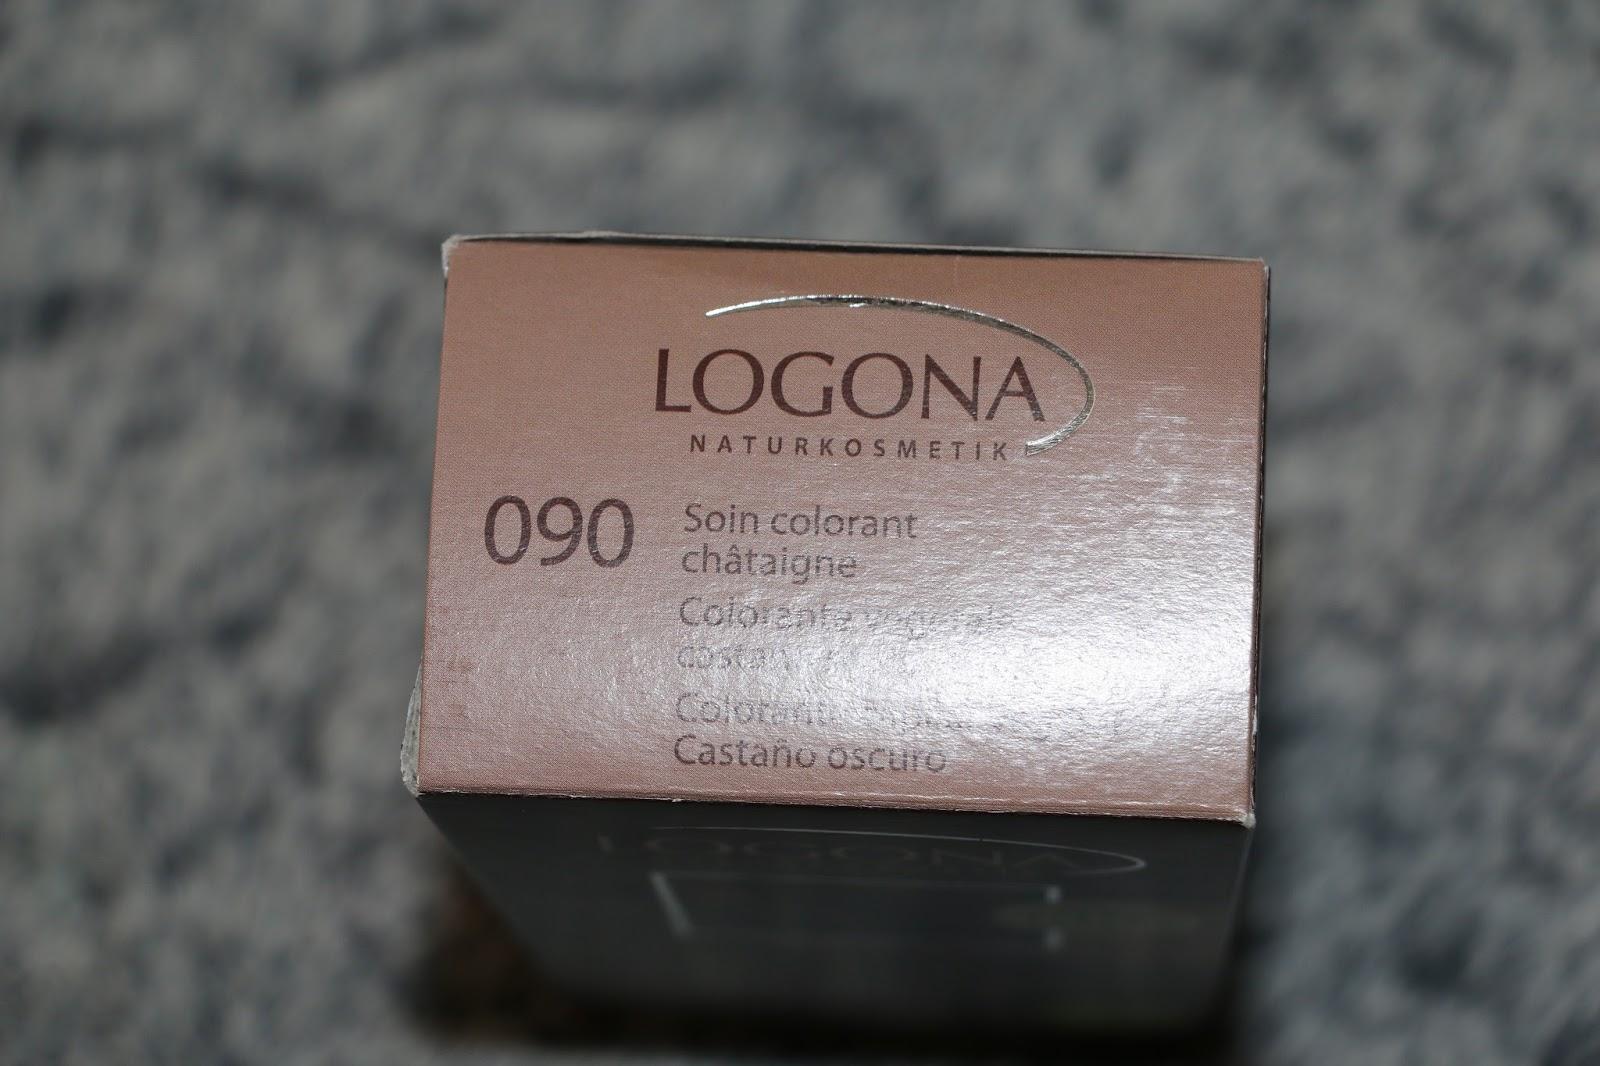 voici ce quelle contient la poudre de coloration une charlotte une paire de gants et la notice - Coloration Logona Chataigne